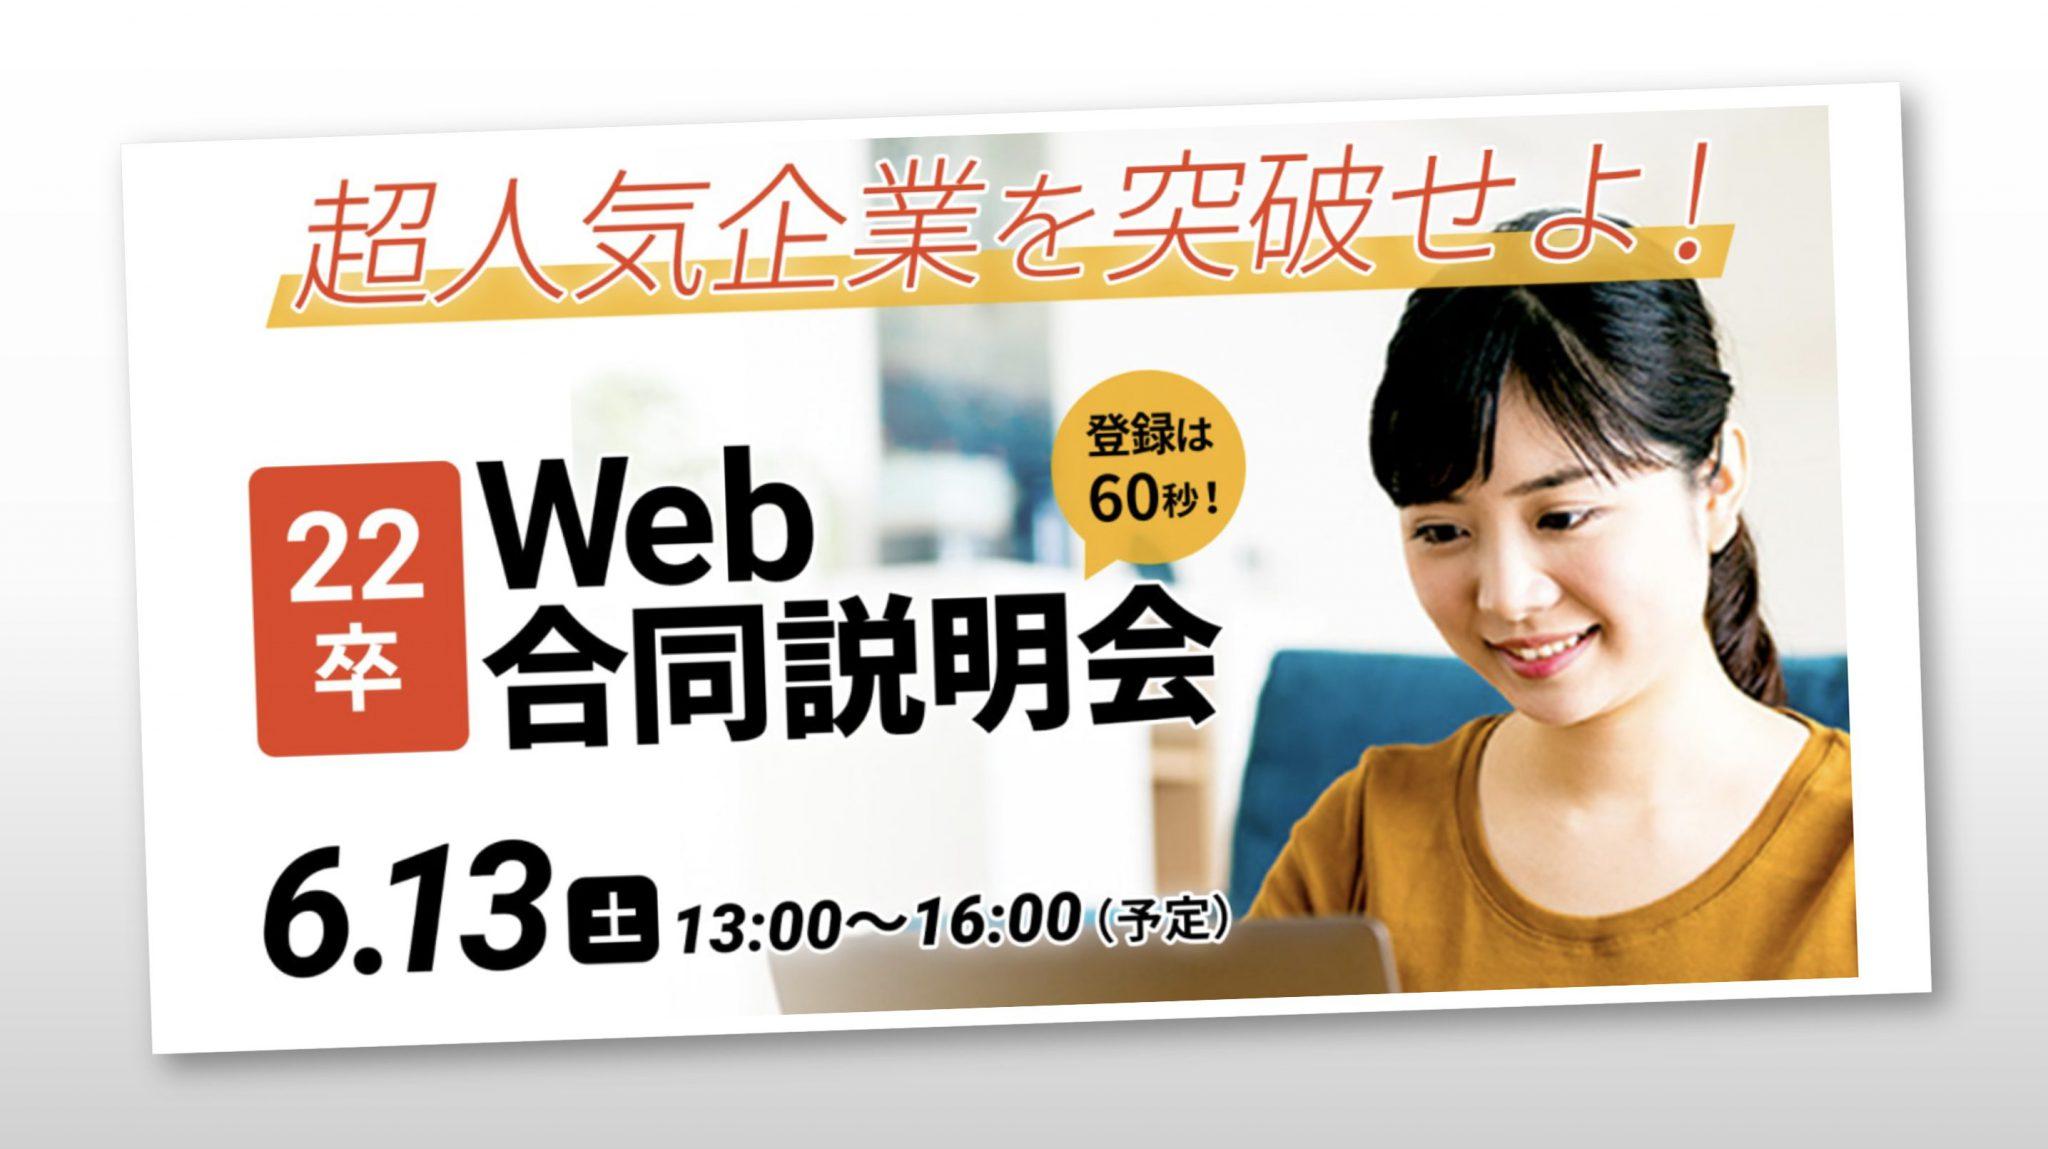 【22卒】人気企業が集まるWEB合同説明会を開催